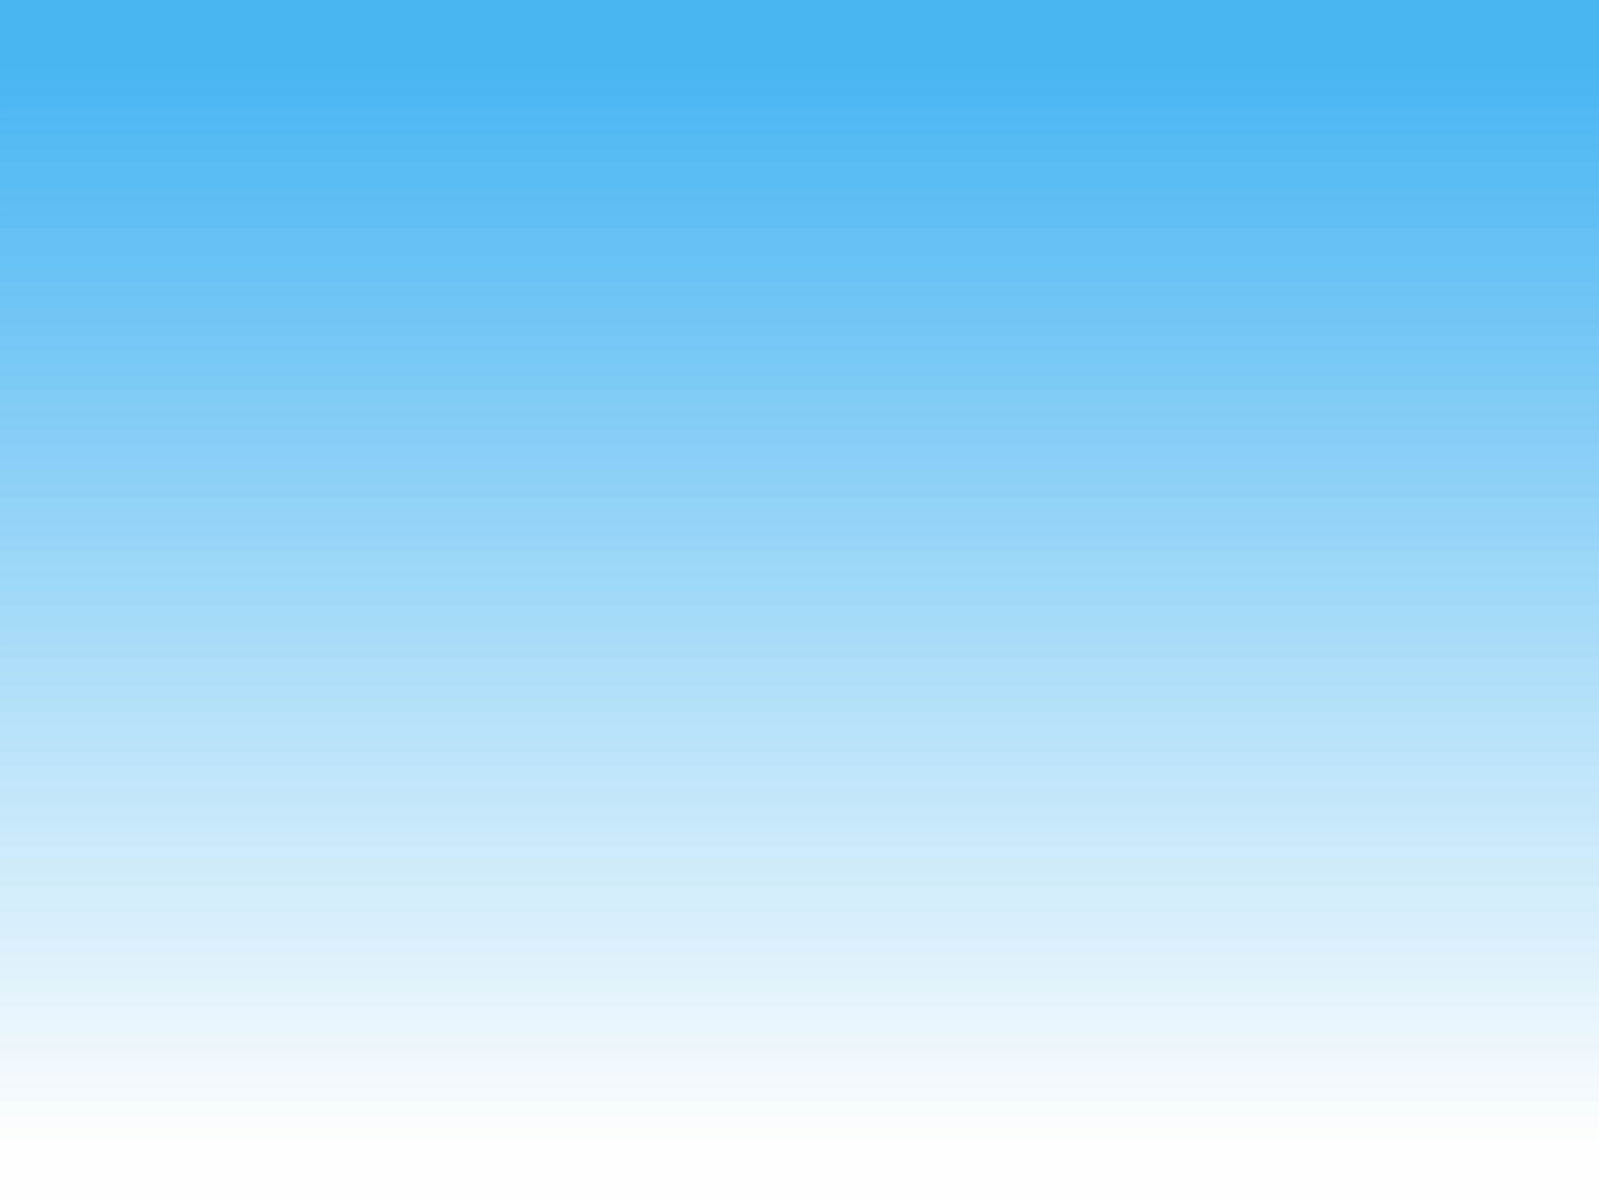 50+ Hình nền powerpoint màu xanh dương cực đẹp